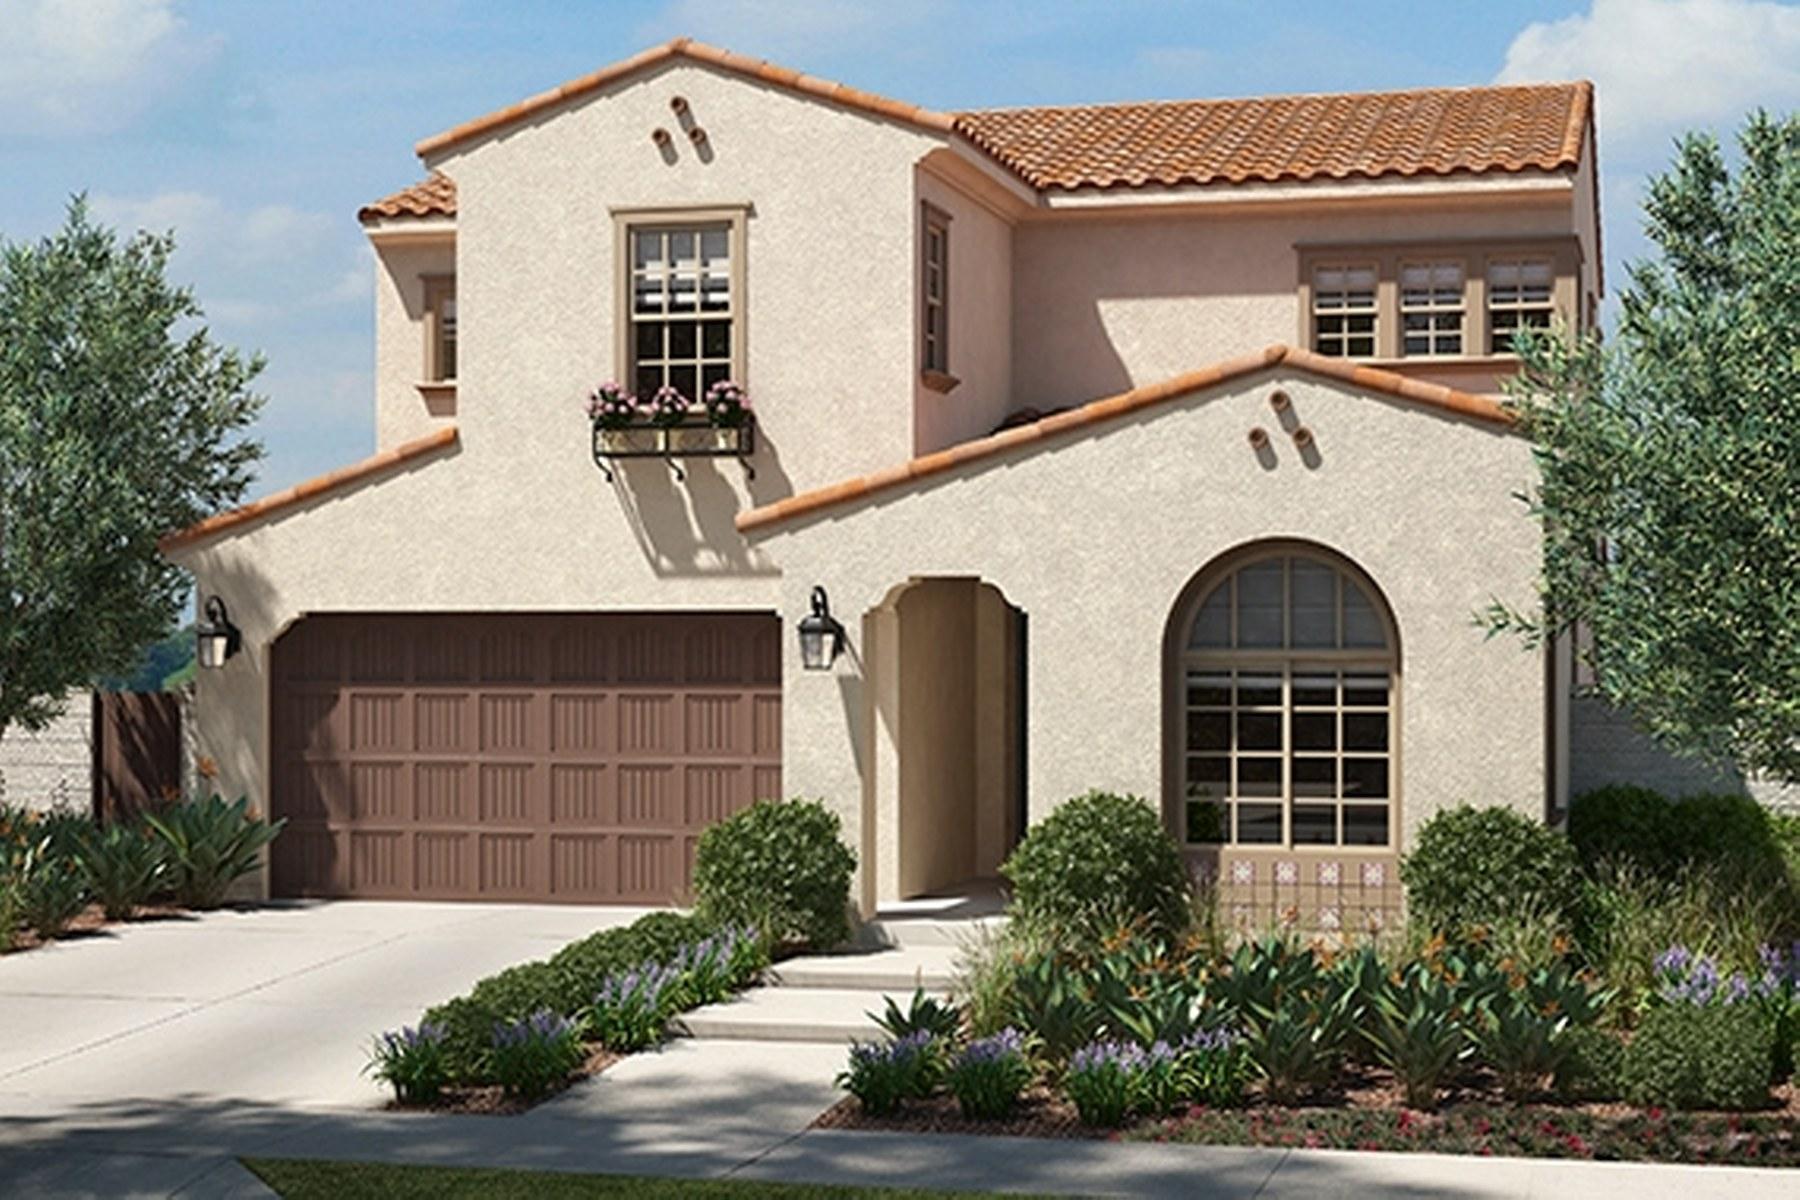 단독 가정 주택 용 매매 에 Casabella 6748 Monterra Trail Carmel Valley, San Diego, 캘리포니아 92130 미국